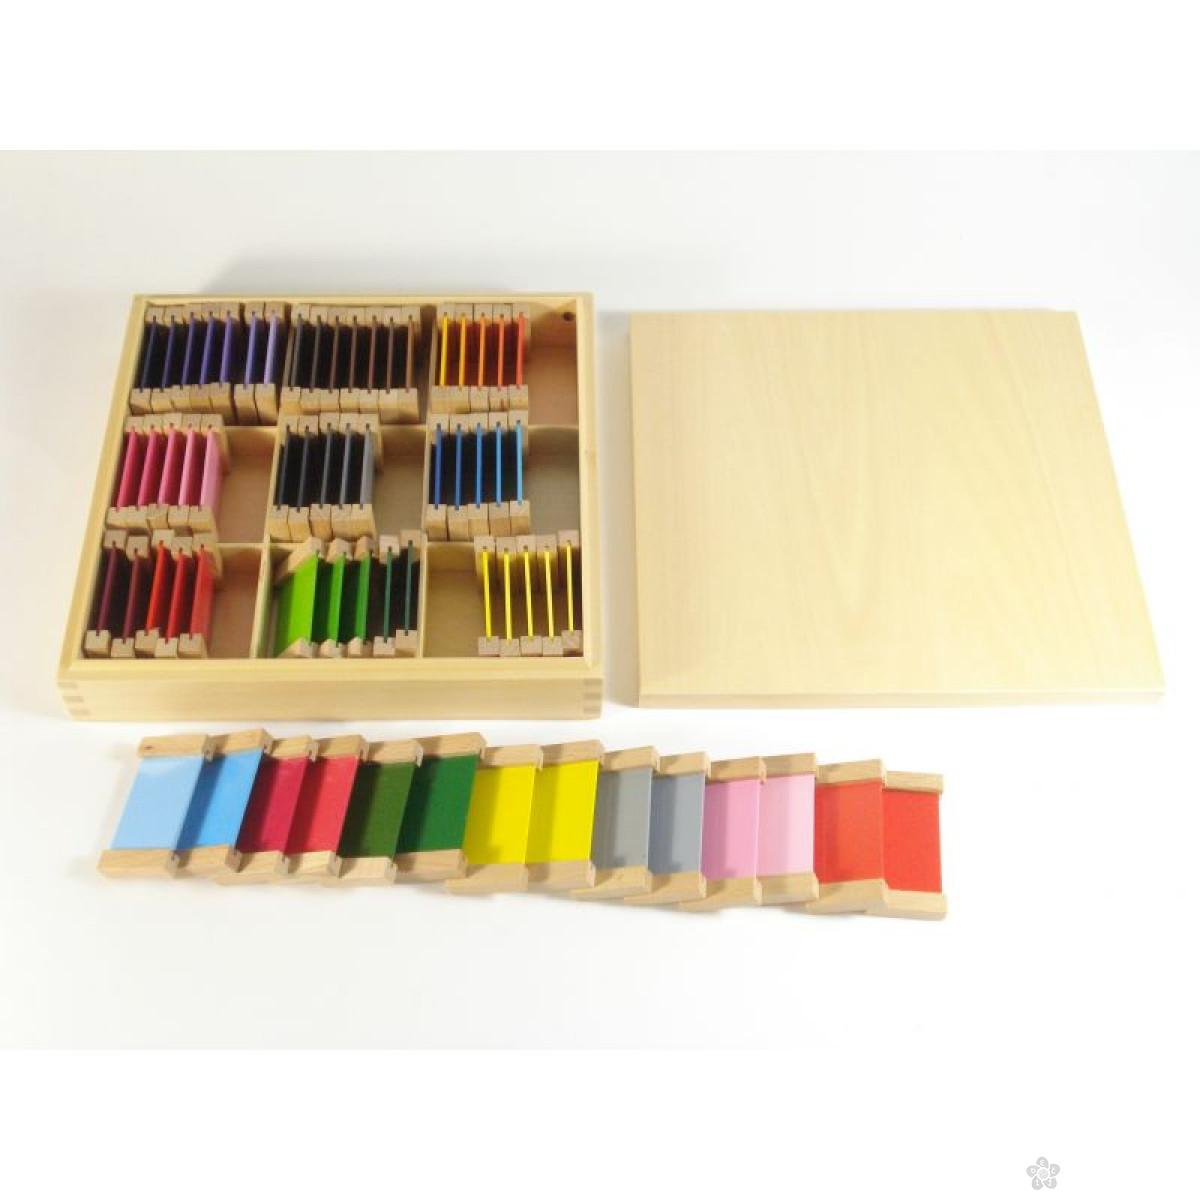 Montesori drvene pločice u boji, HTS0007